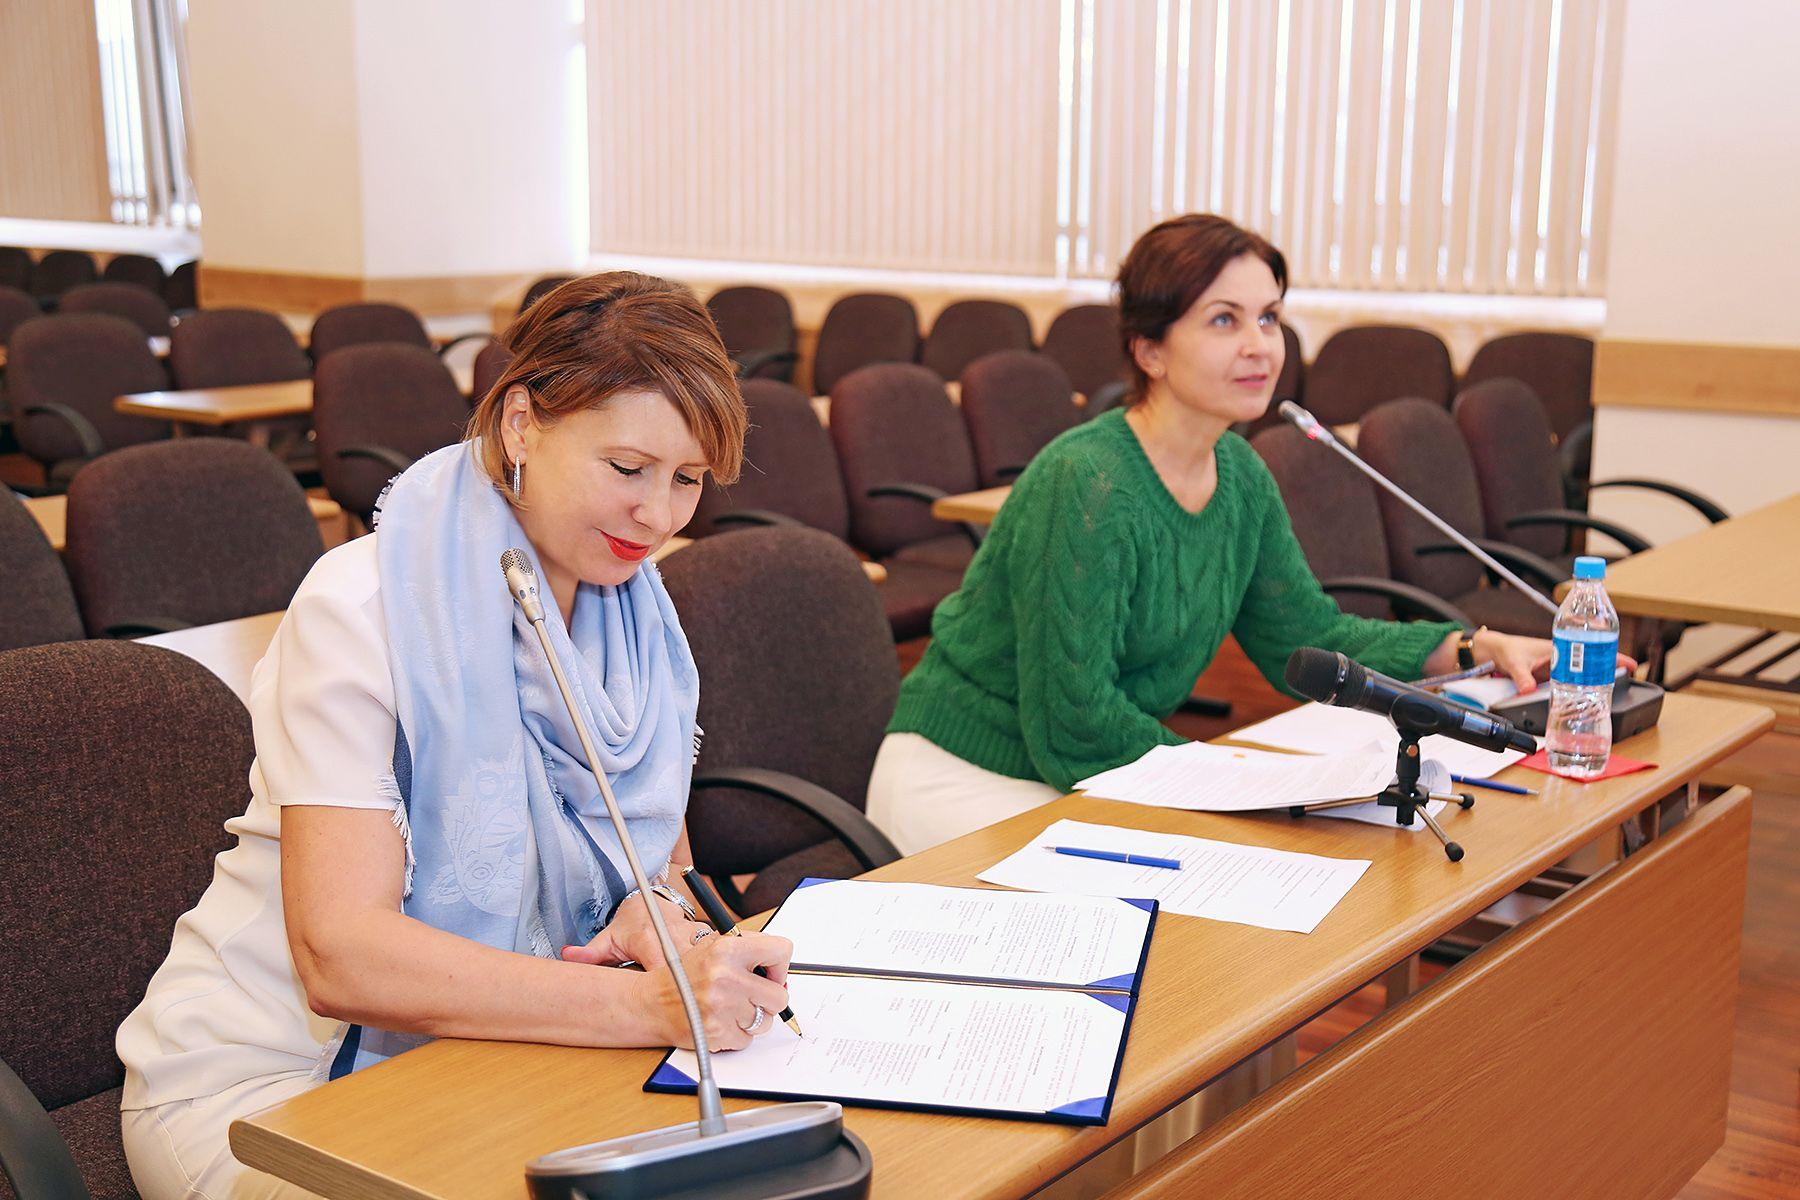 ВГУЭС и Ассоциация «Бизнес-клуб «Авангард» подписали соглашение о сотрудничестве